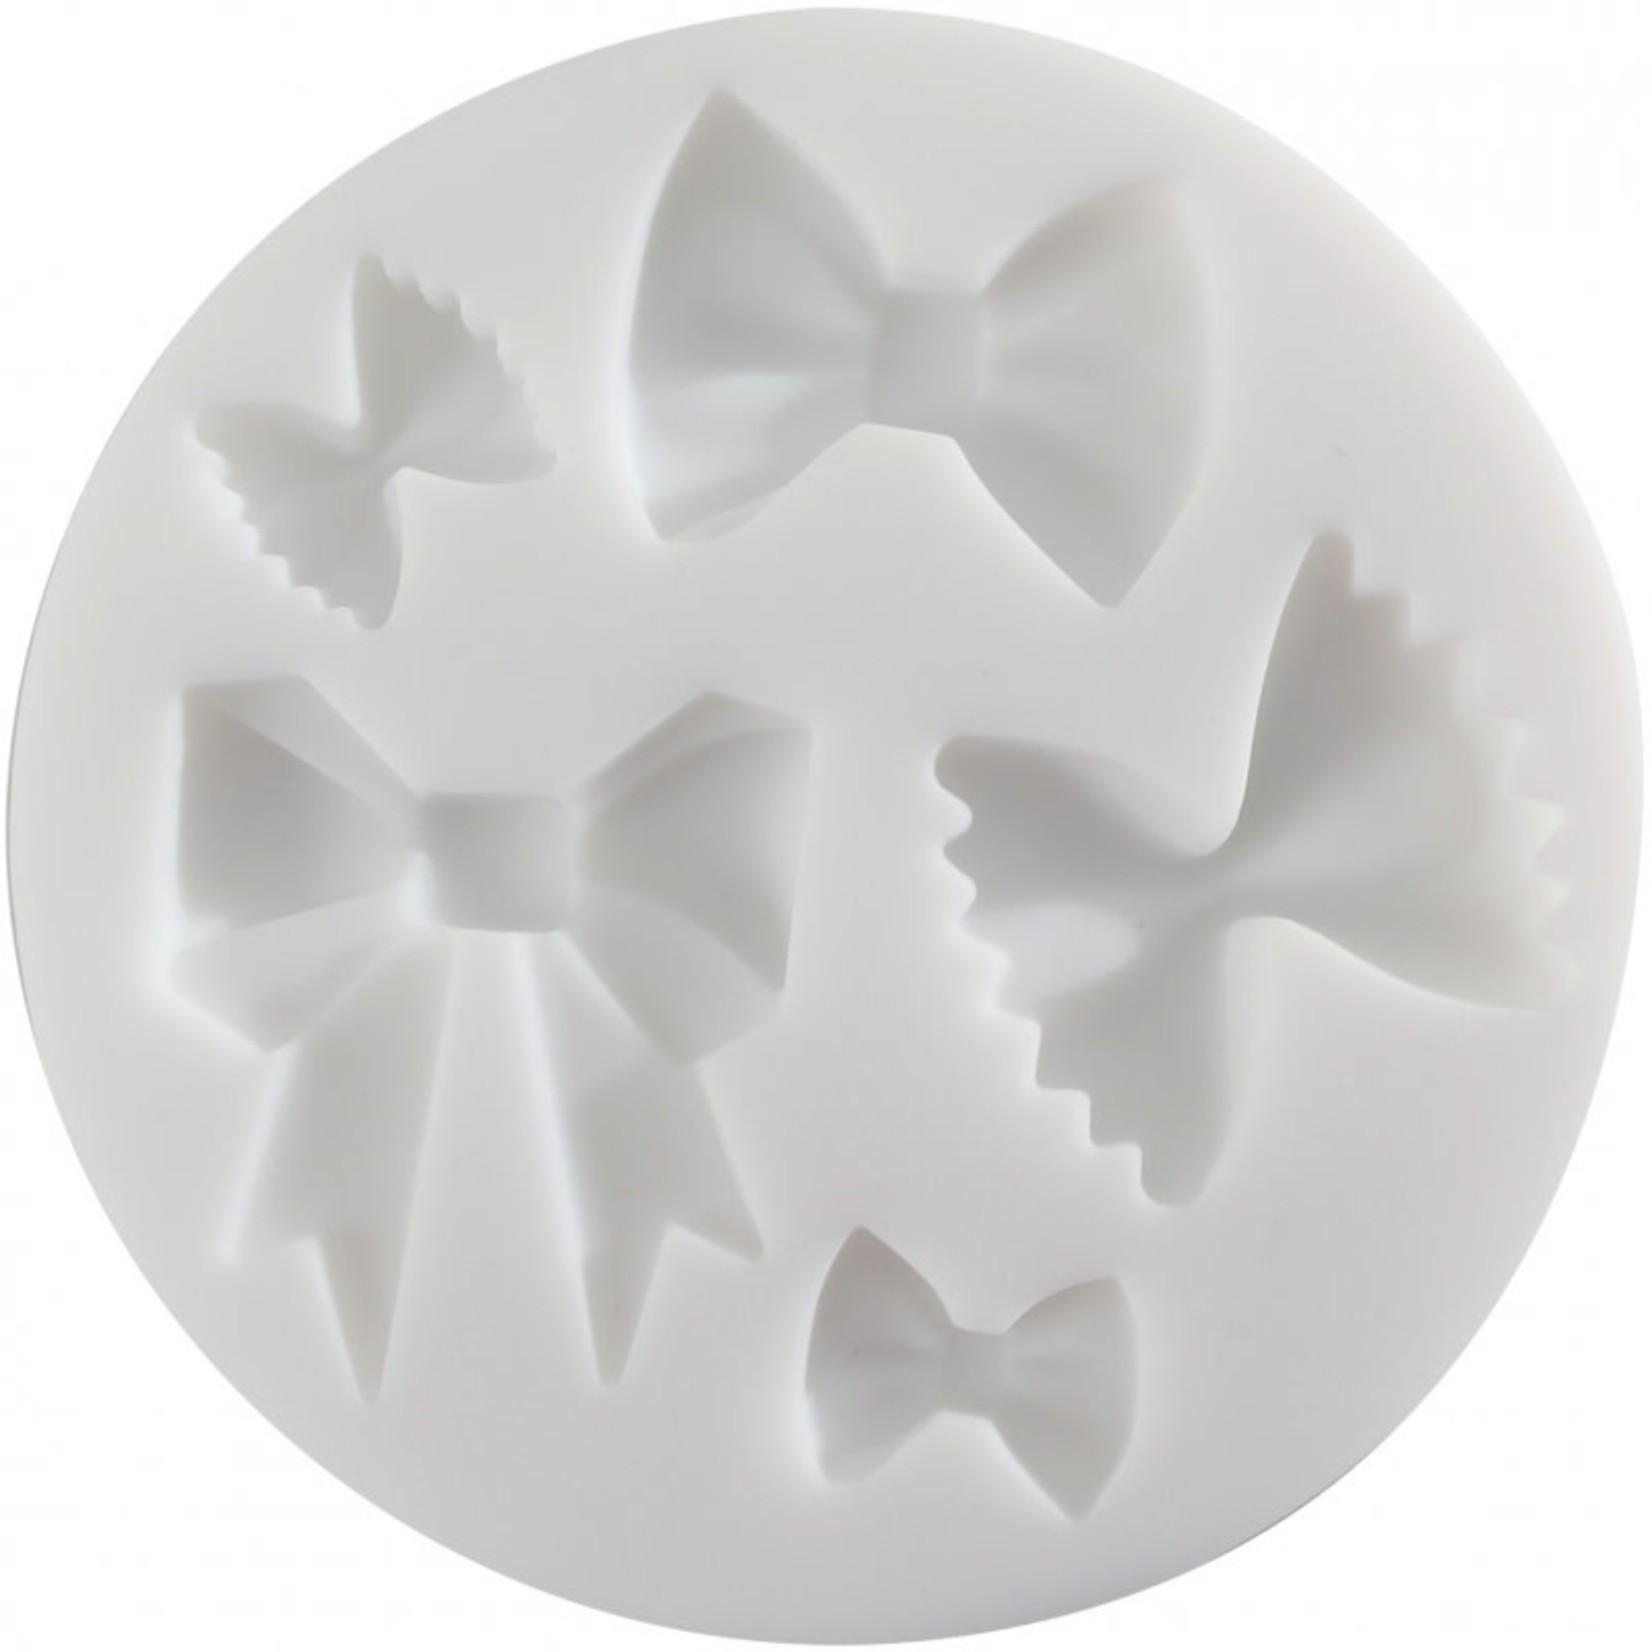 Cernit Cernit Silicone Mold - Bows